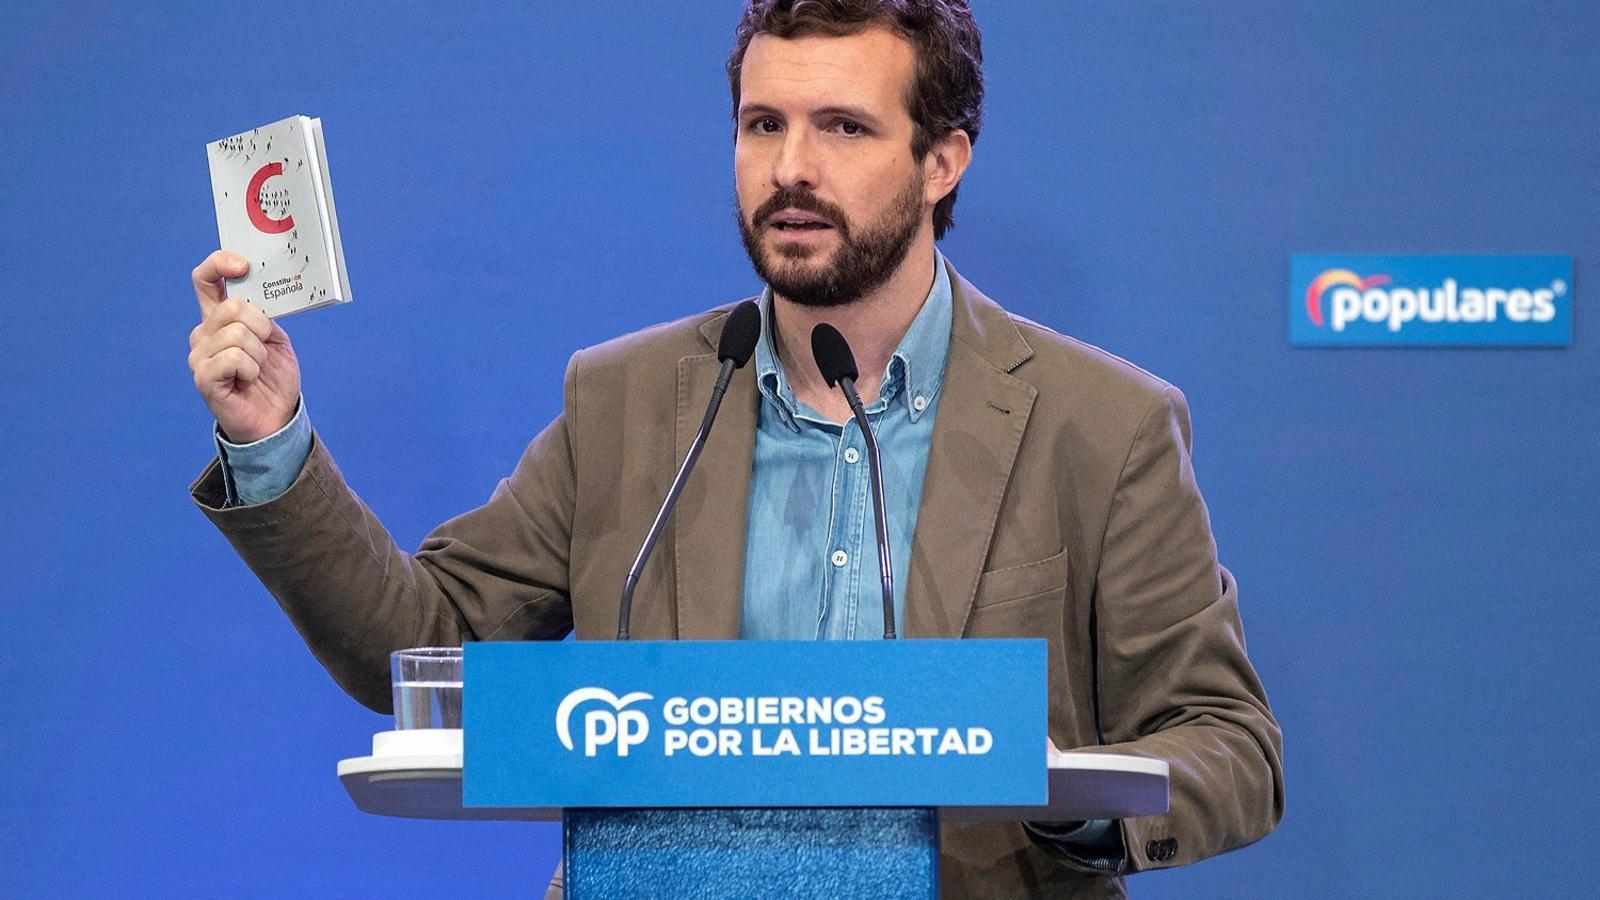 Casado admet que vol una coalició constitucionalista amb Cs que inclogui el partit de Valls a les eleccions catalanes